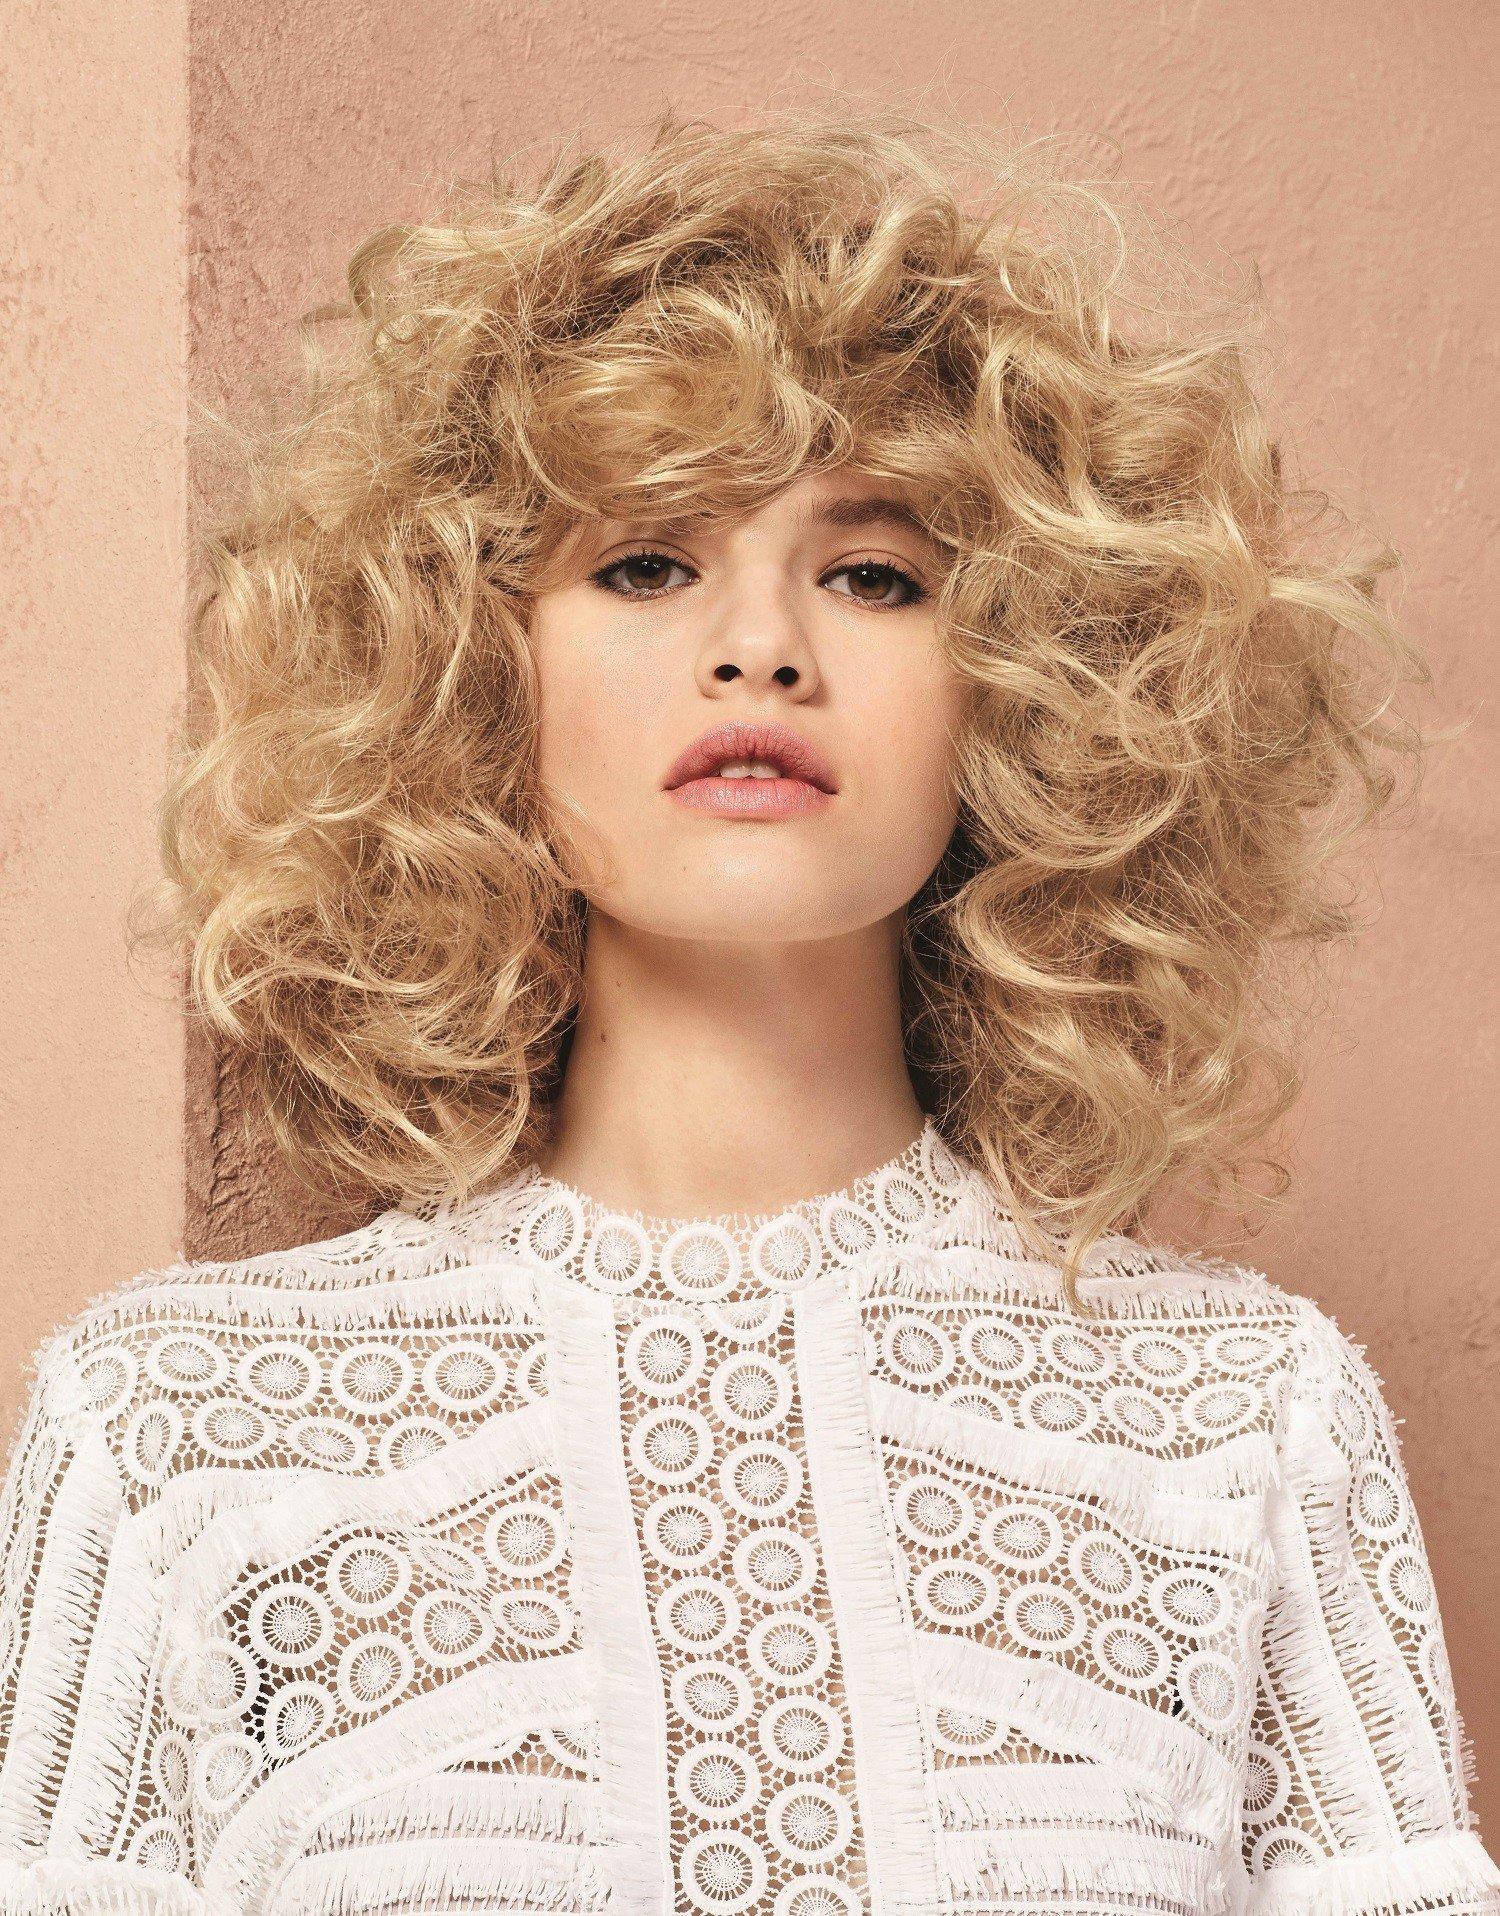 loreal wuschelkopf locken frisur blond frisuren magazin. Black Bedroom Furniture Sets. Home Design Ideas